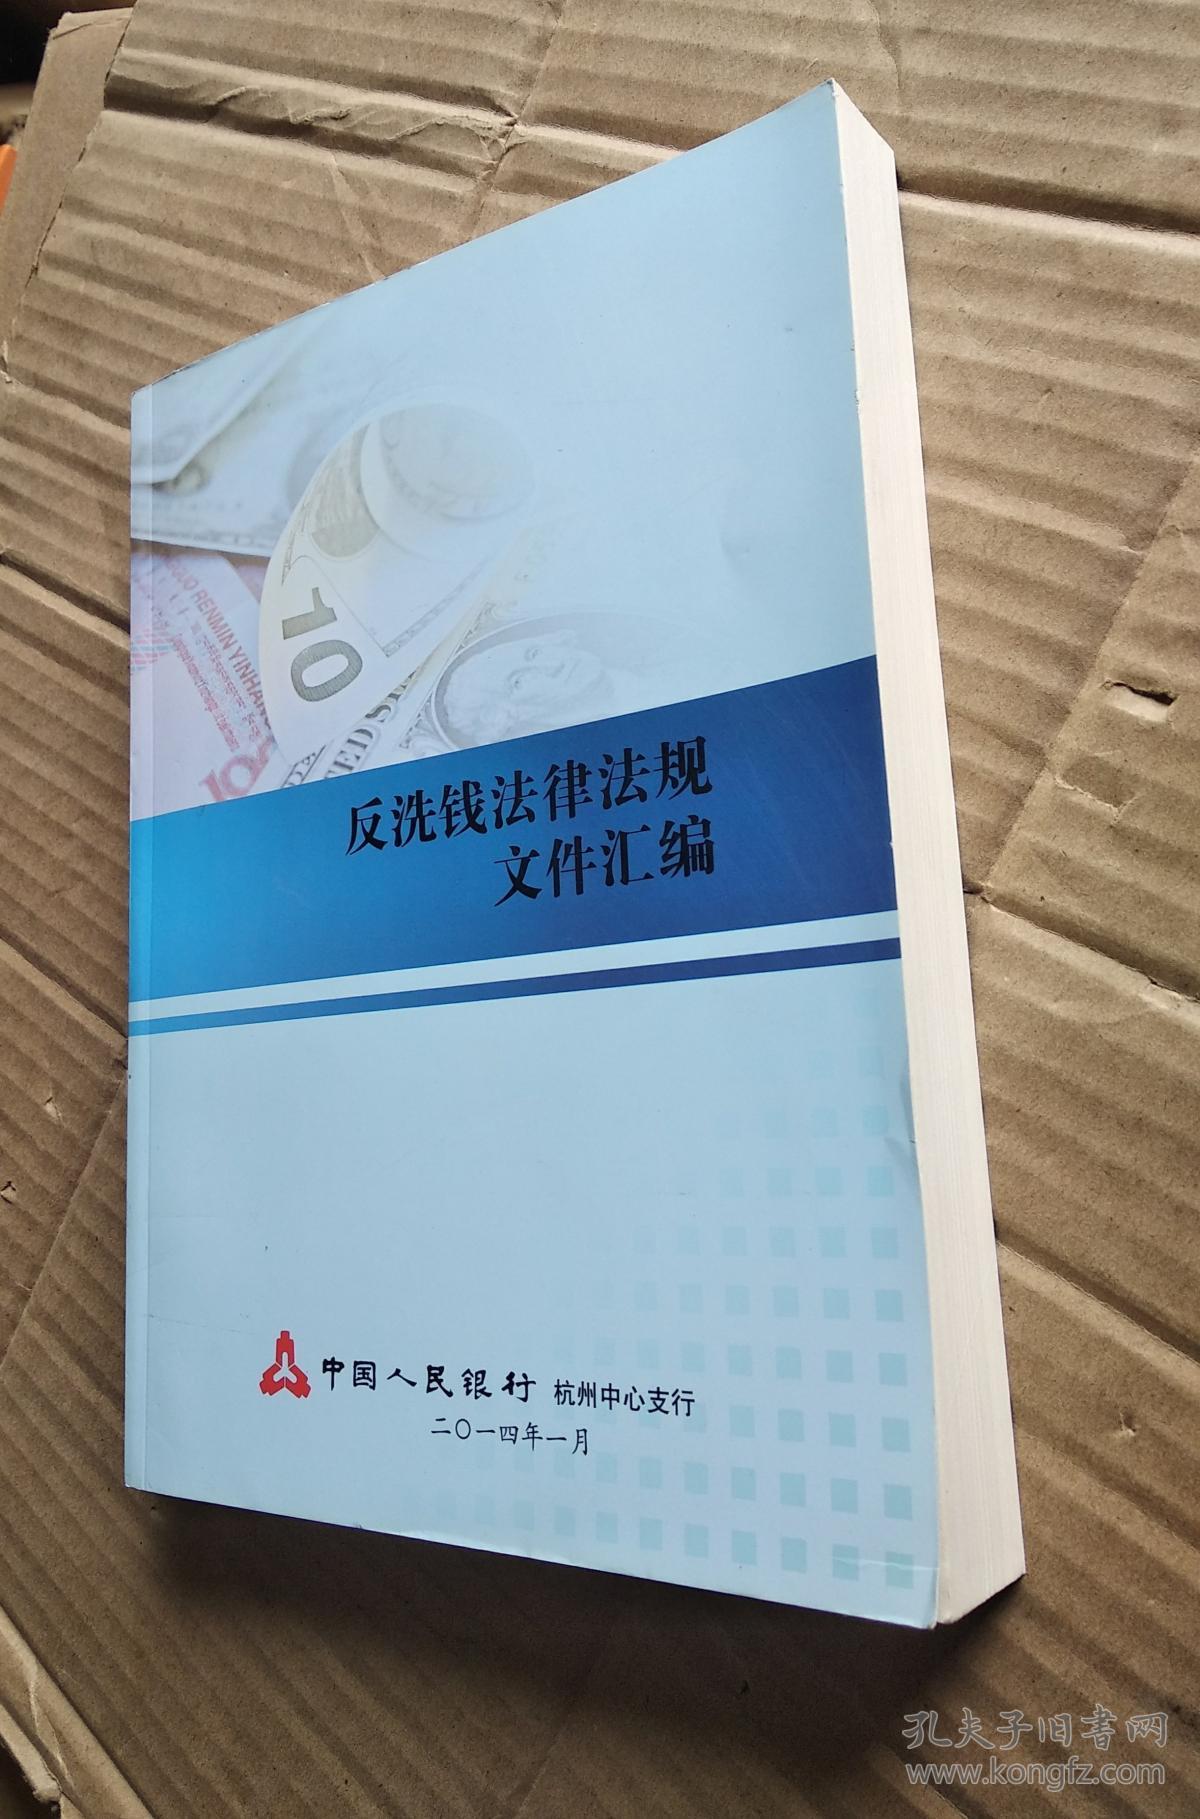 2018年我国银行业监管内容、主要法律法规及政策(图)   中国报告网